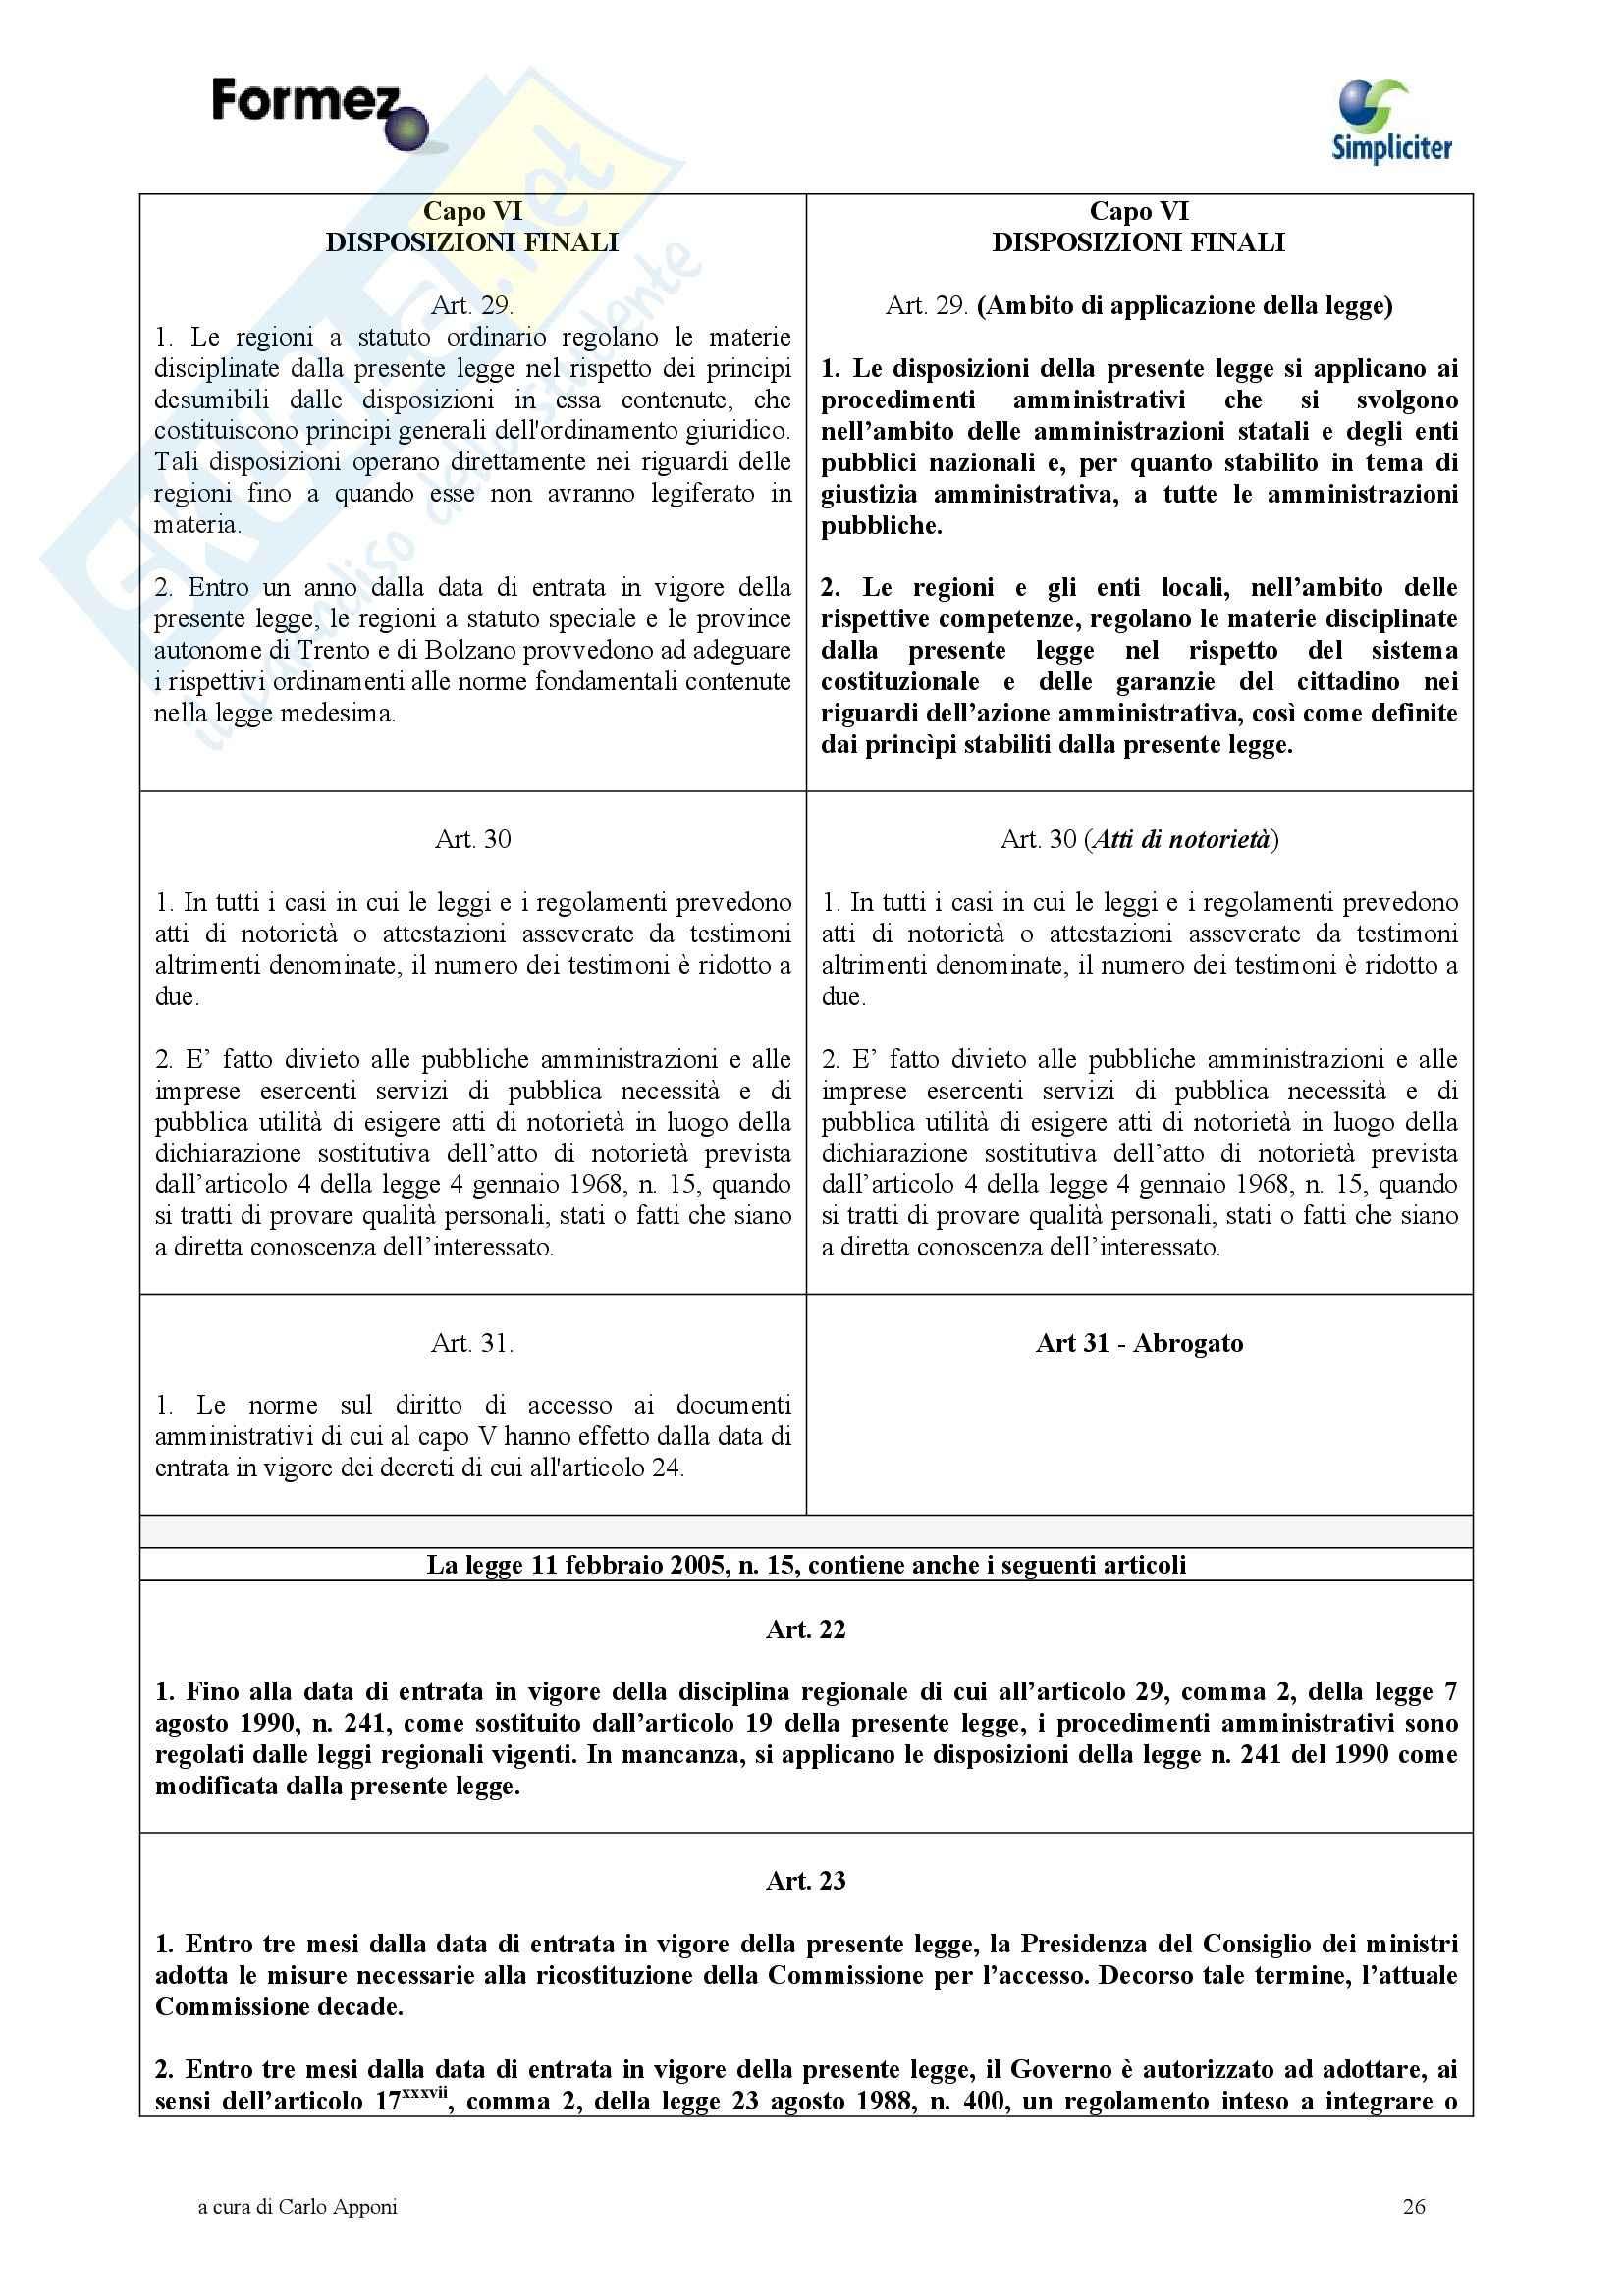 Diritto amministrativo - Legge 241 modificata Pag. 26